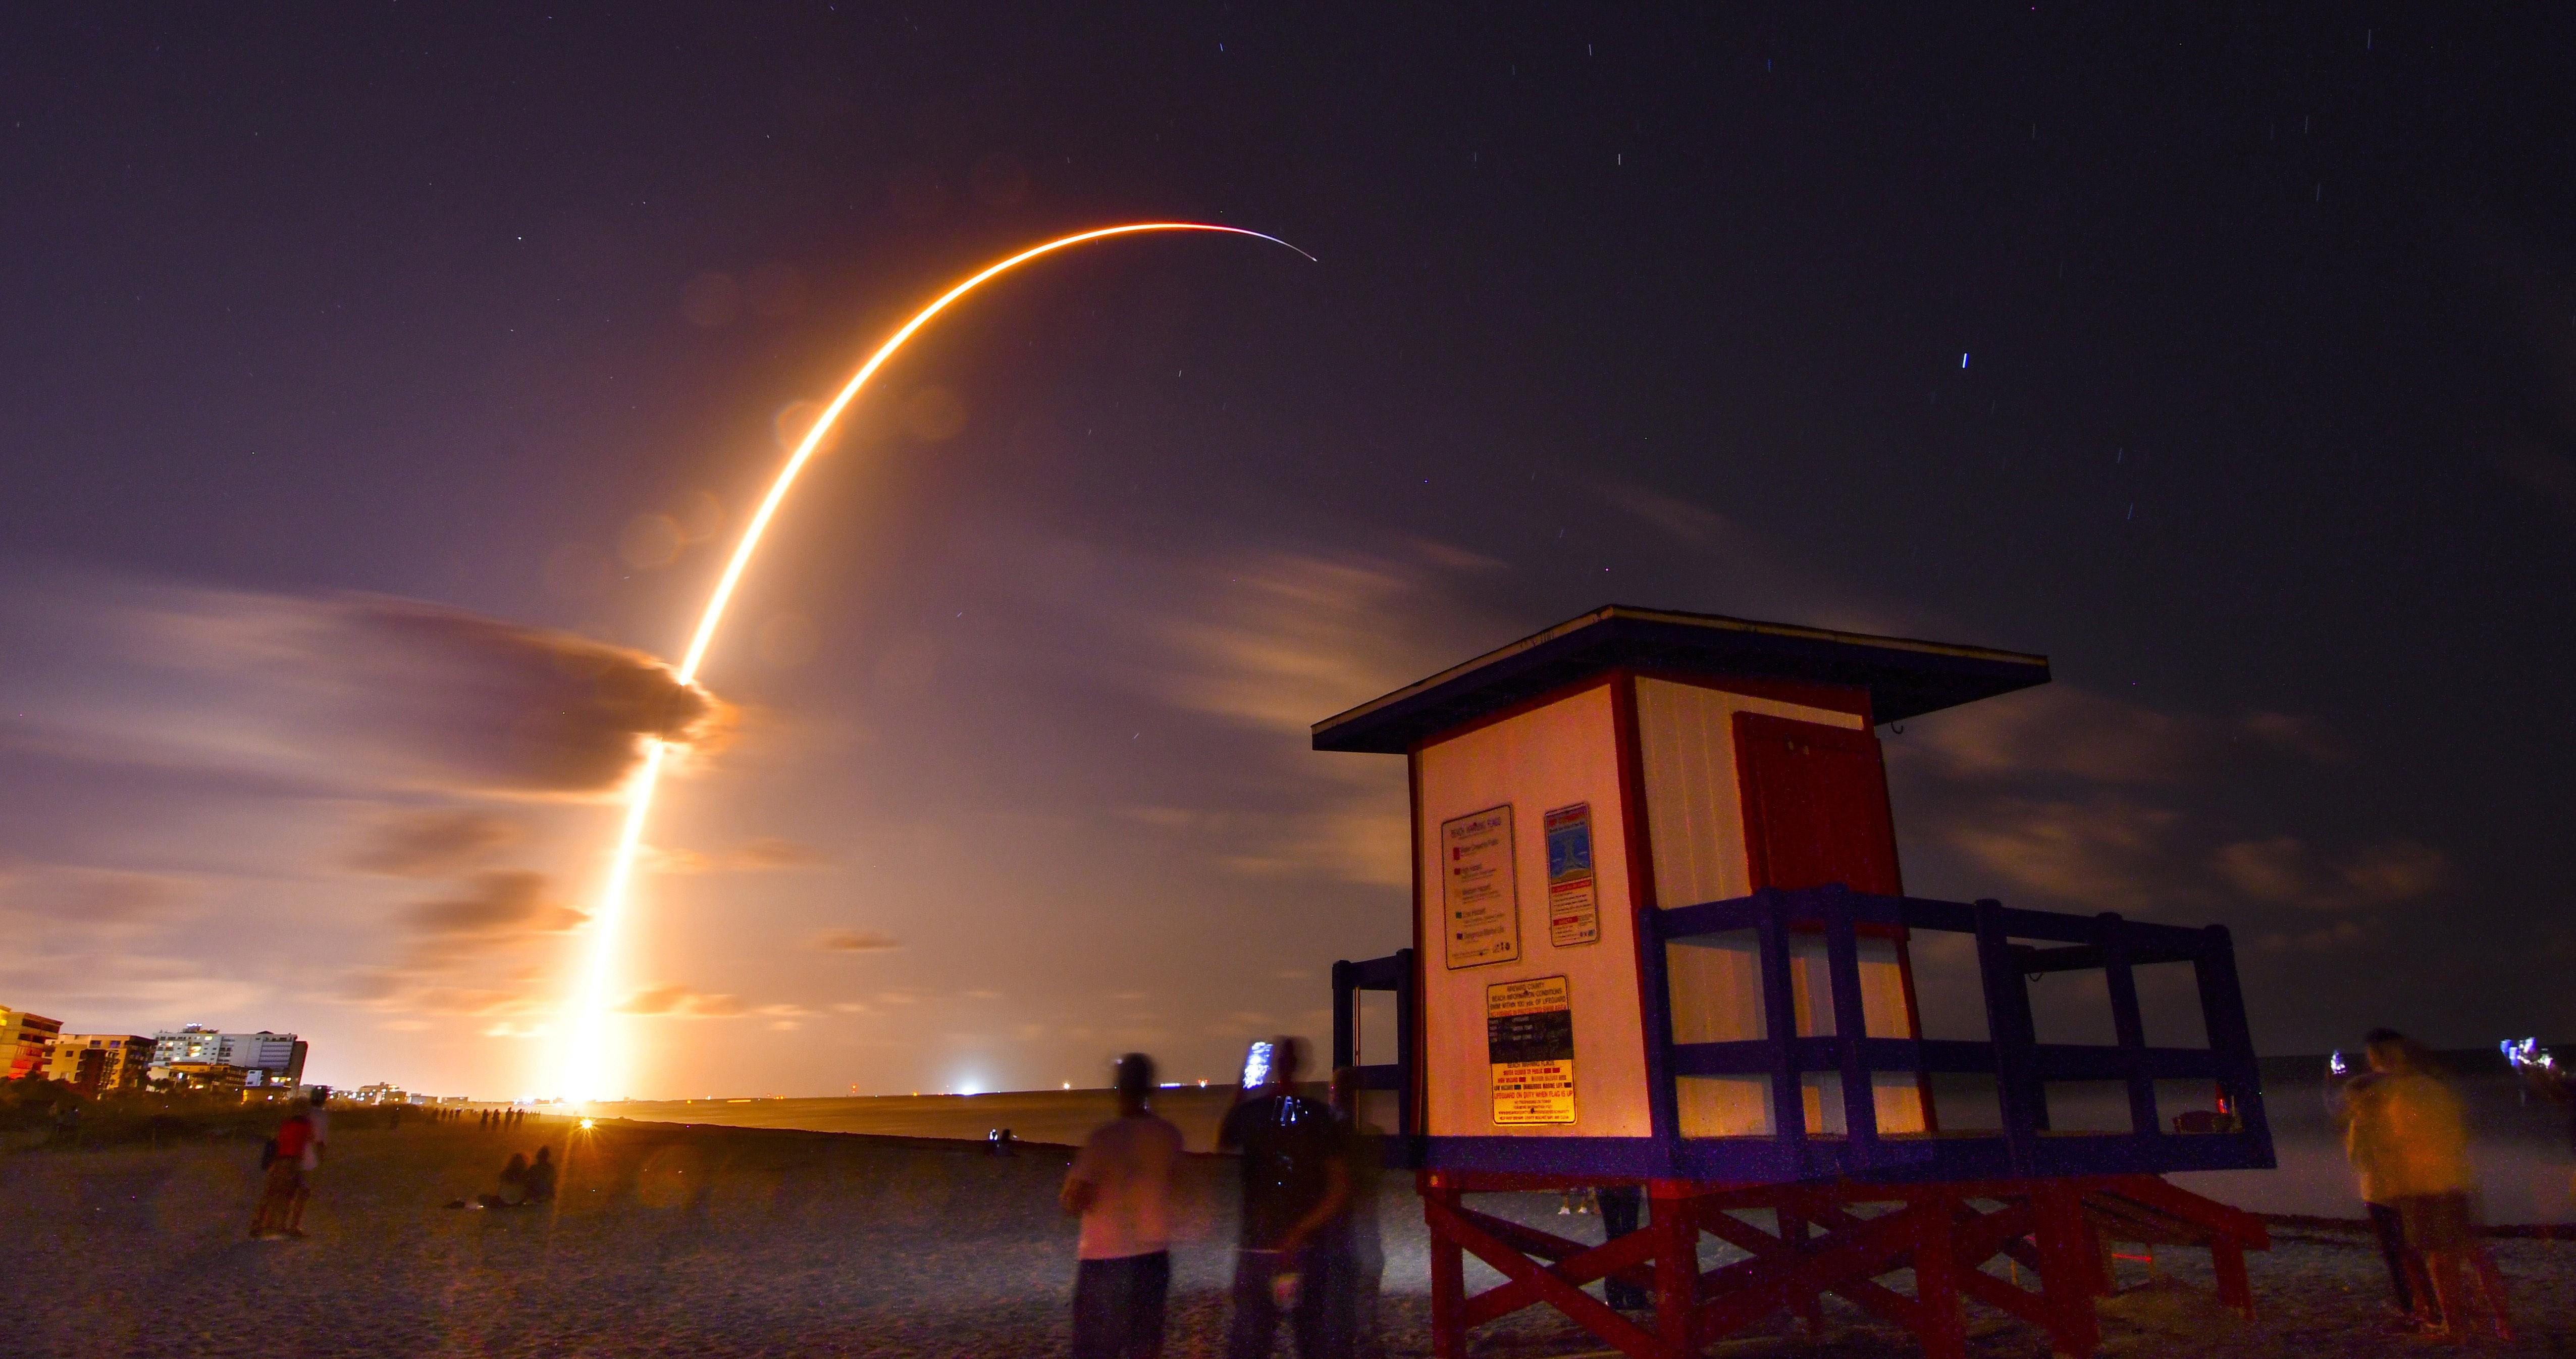 SpaceX lança primeiros satélites para rede que vai prover internet do espaço - Noticias